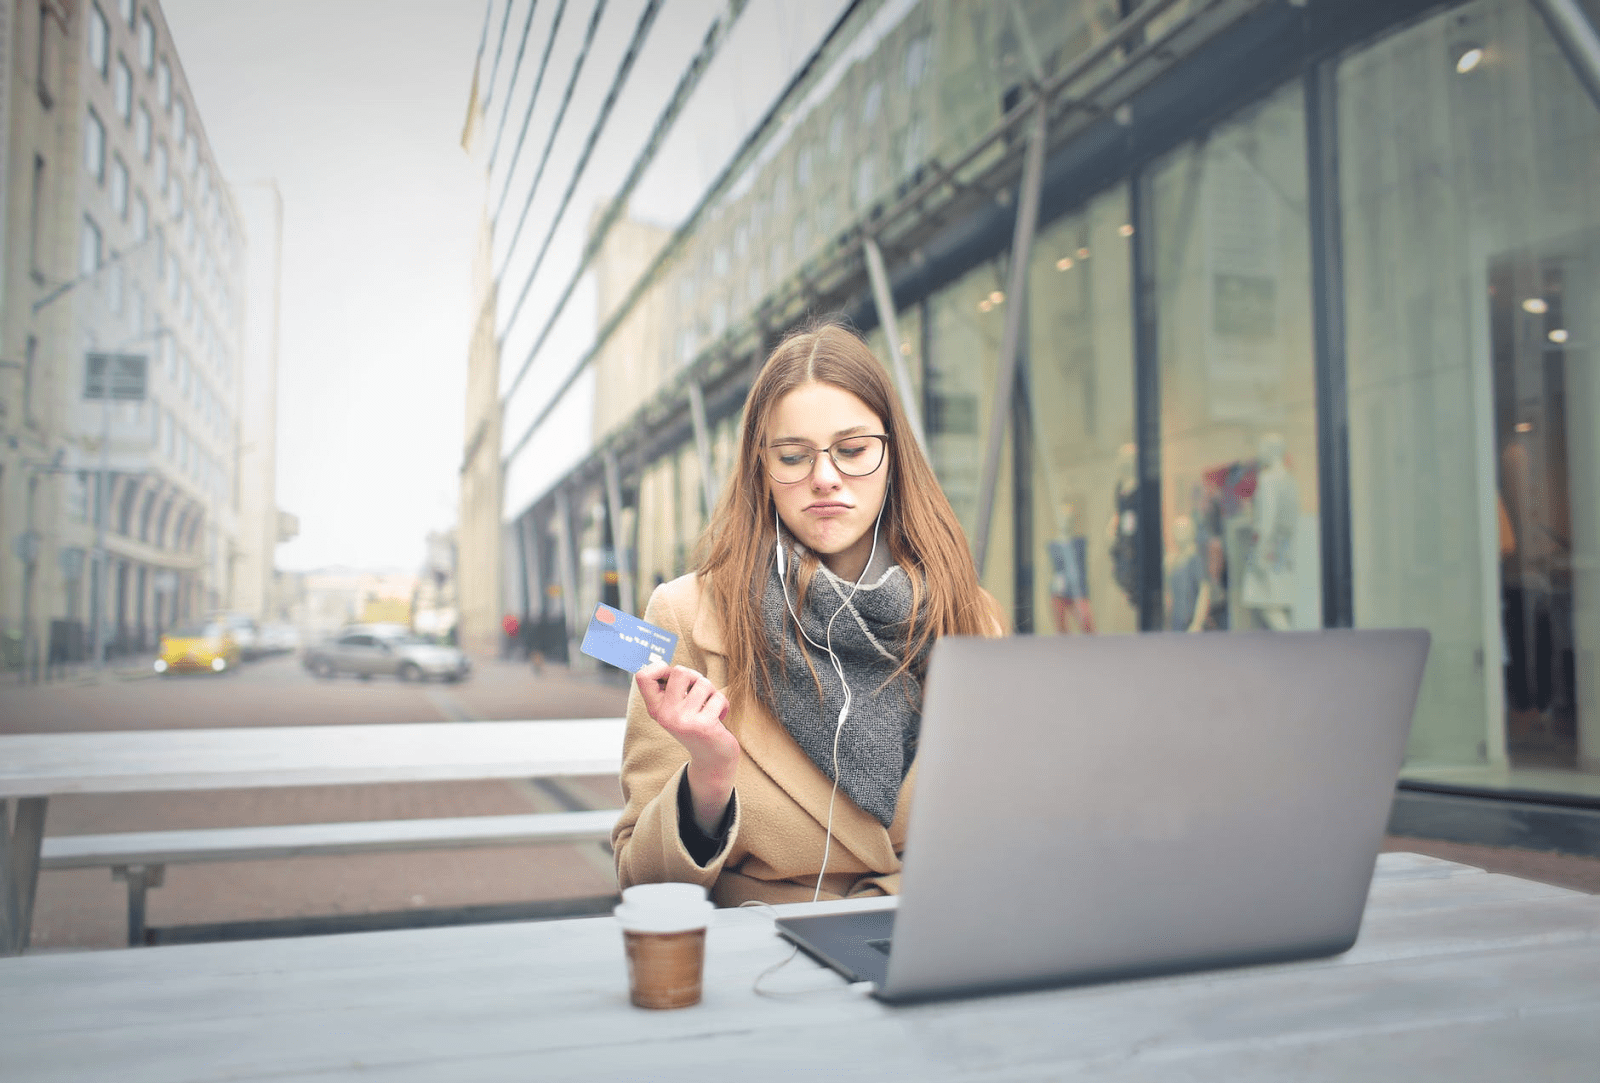 5 zabluda i istina o keš kreditima, kreditnim karticama i prekoračenjima po računu